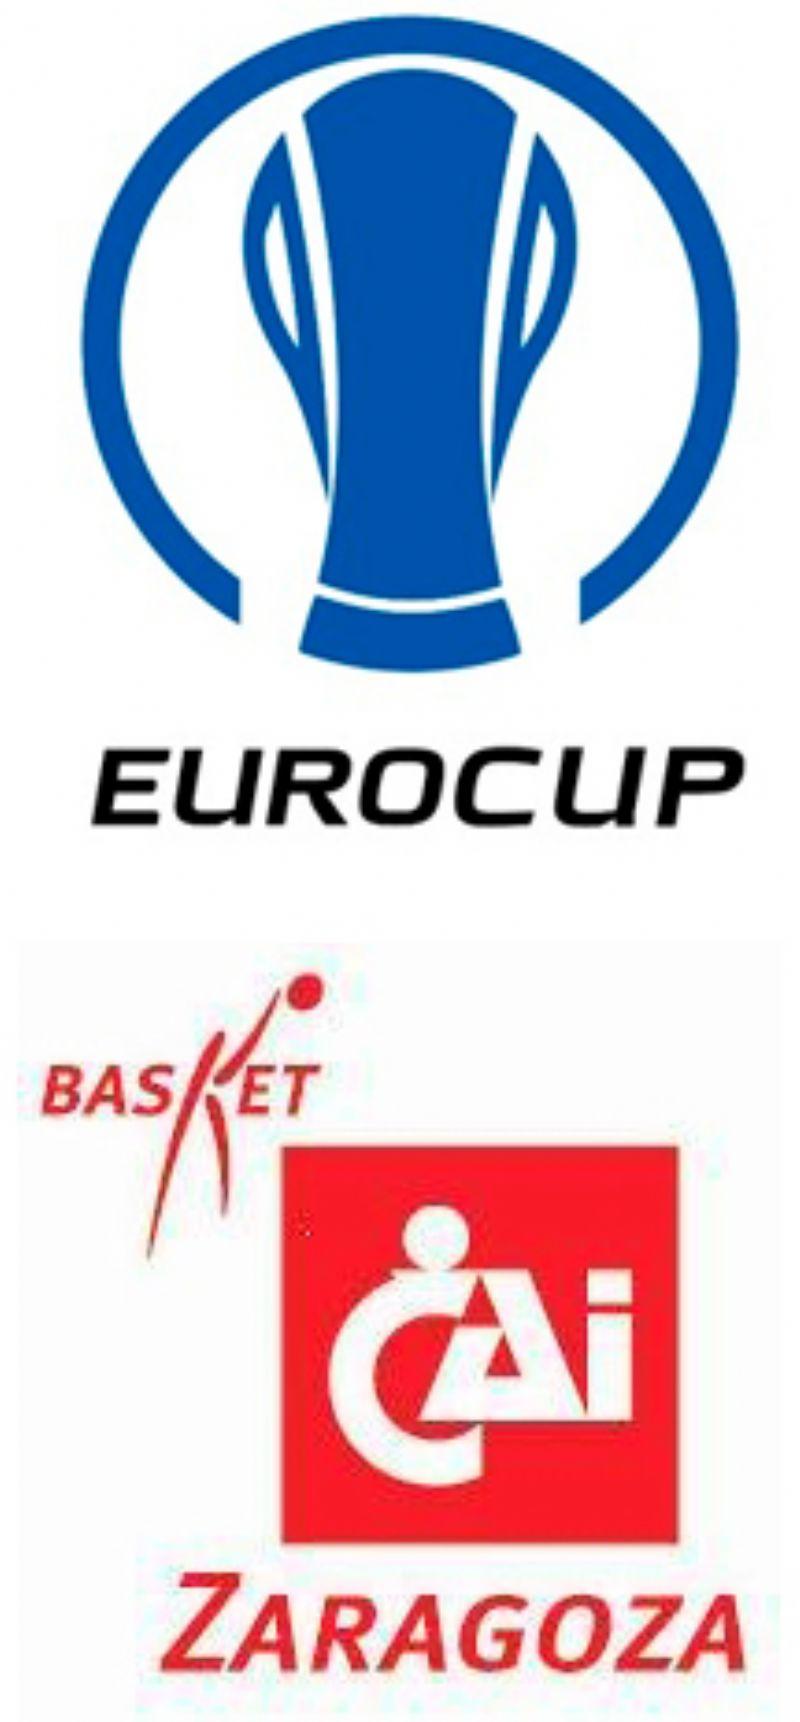 Exigente grupo para el CAI Zaragoza en su segunda Eurocup